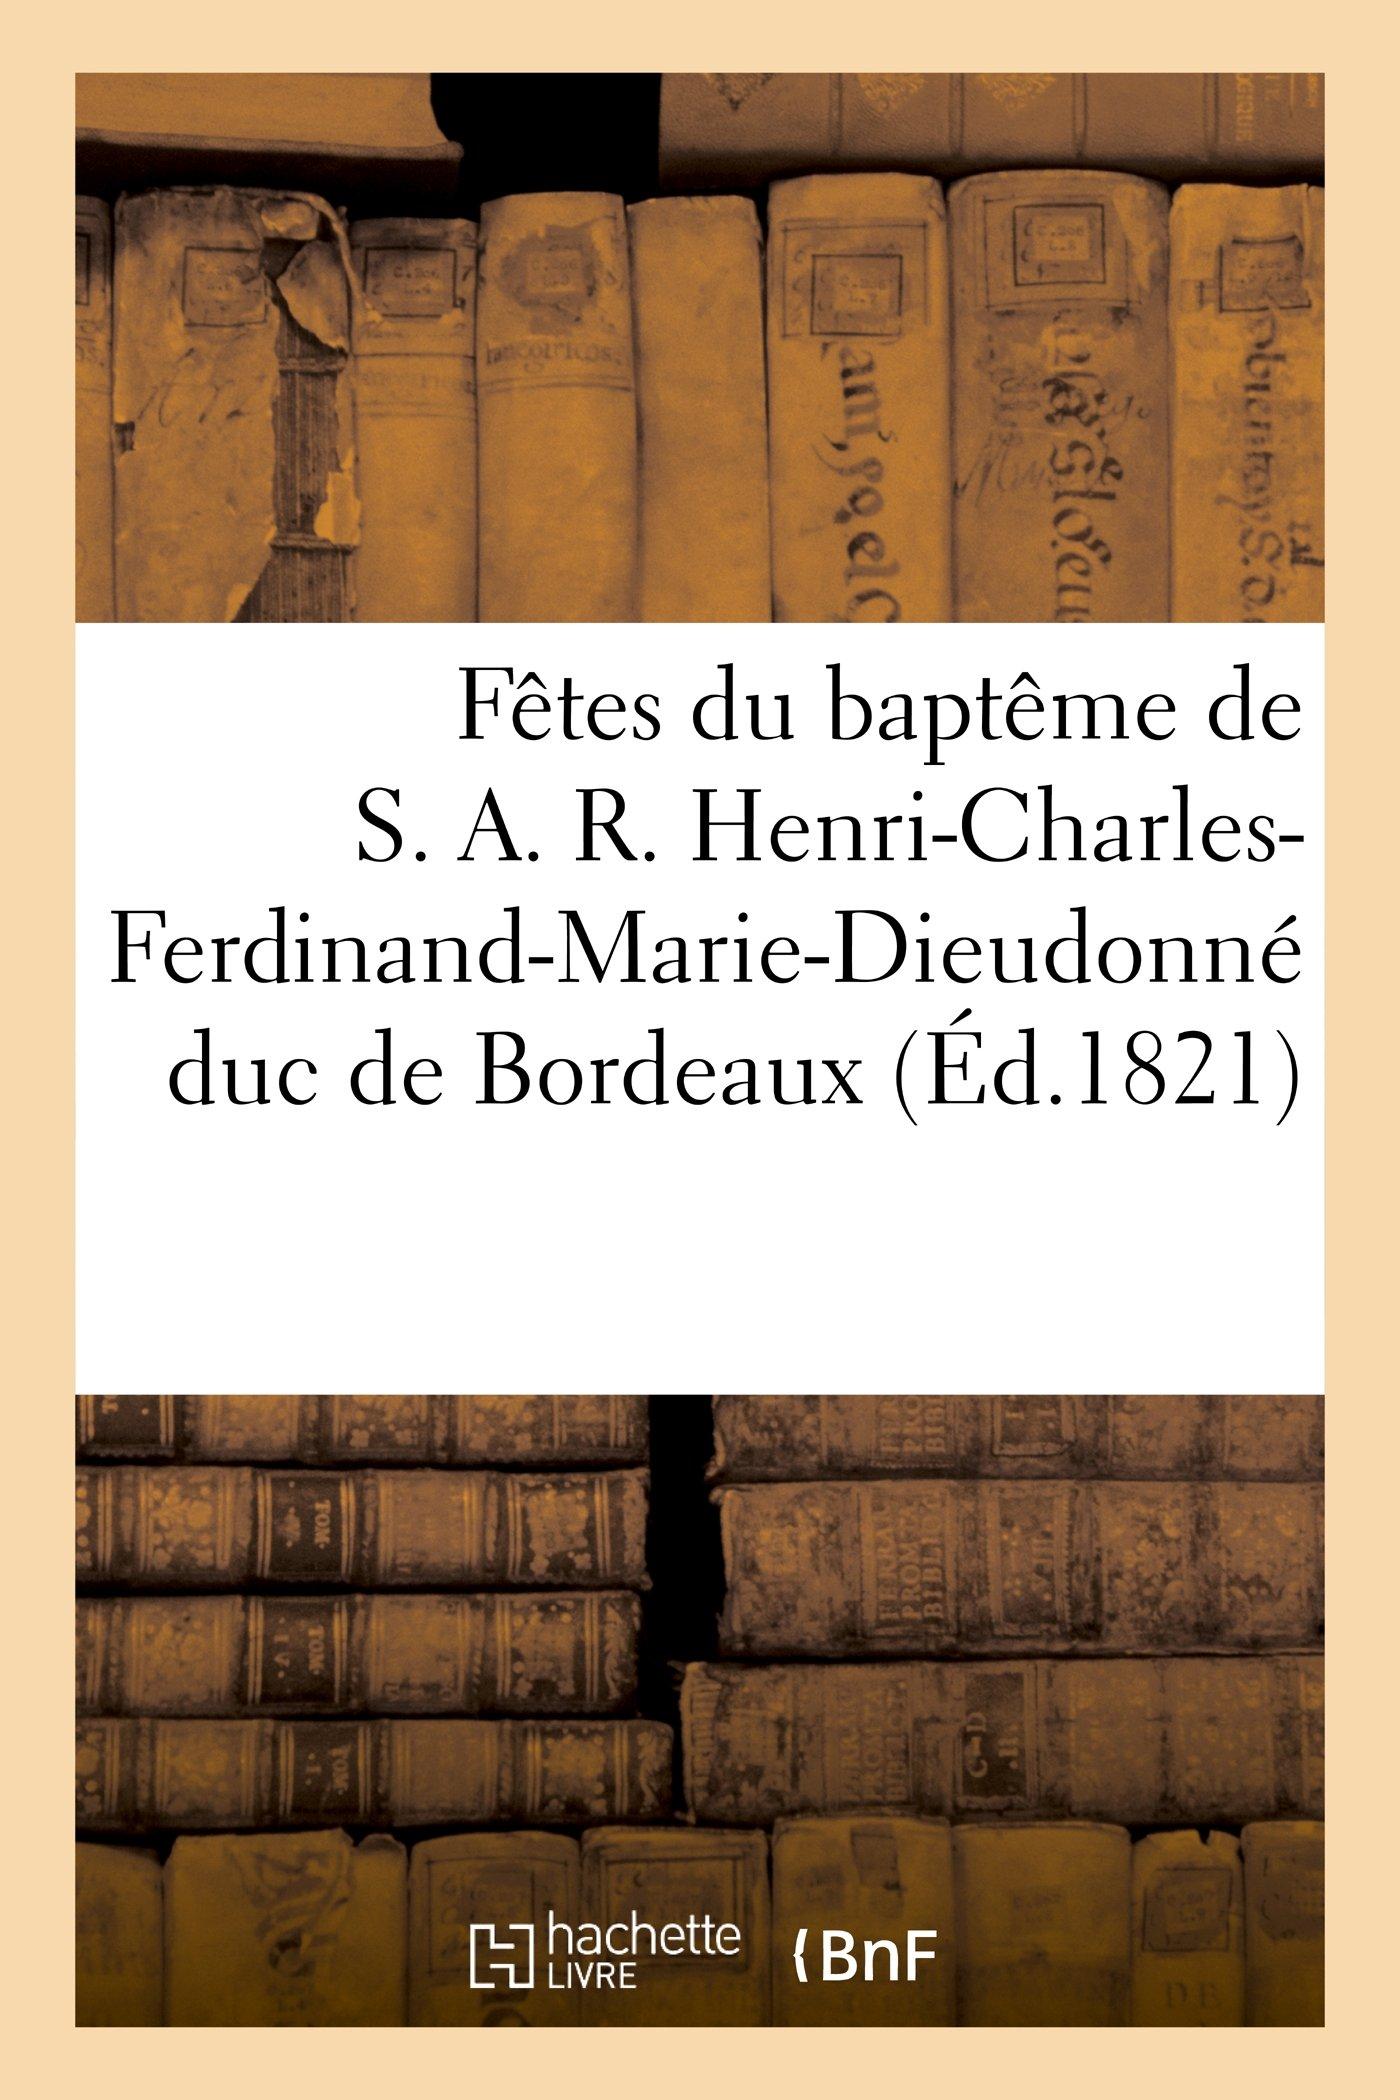 Fetes Du Bapteme de S. A. R. Henri-Charles-Ferdinand-Marie-Dieudonne Duc de Bordeaux (Histoire) (French Edition) pdf epub